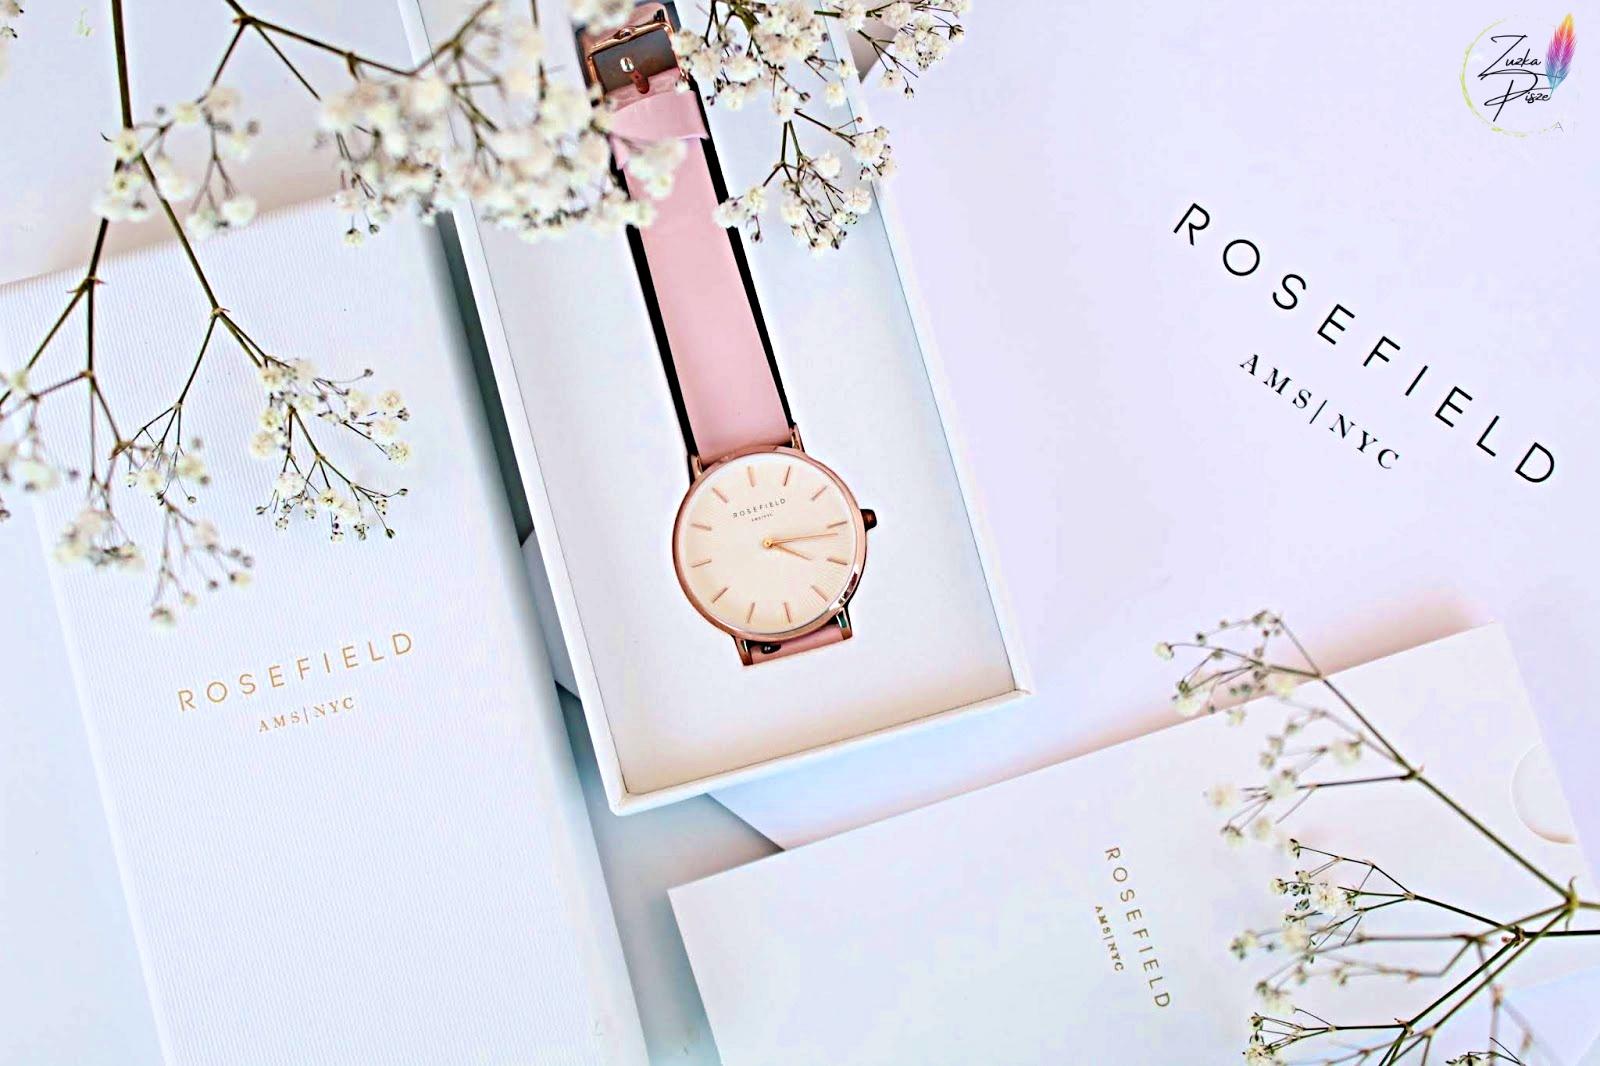 Modne zegarki Rosefield